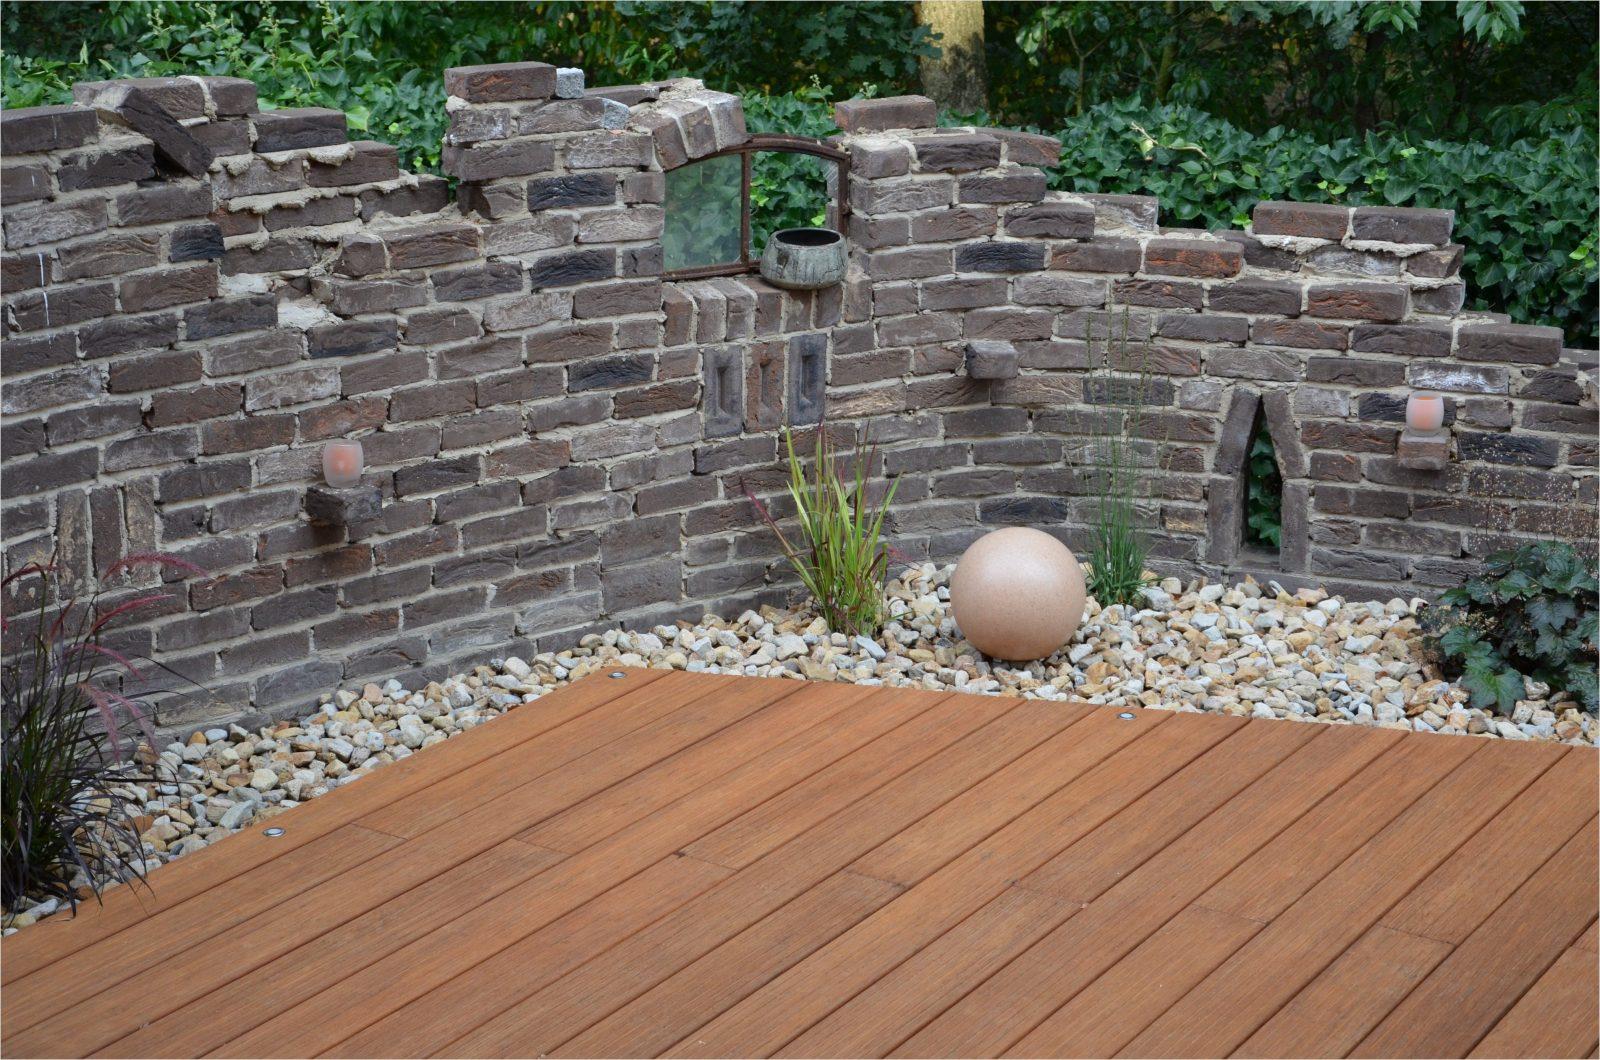 Stunning Garten Steinmauer Selber Bauen Gallery House Ist Frisch von Steinmauer Garten Selber Bauen Bild